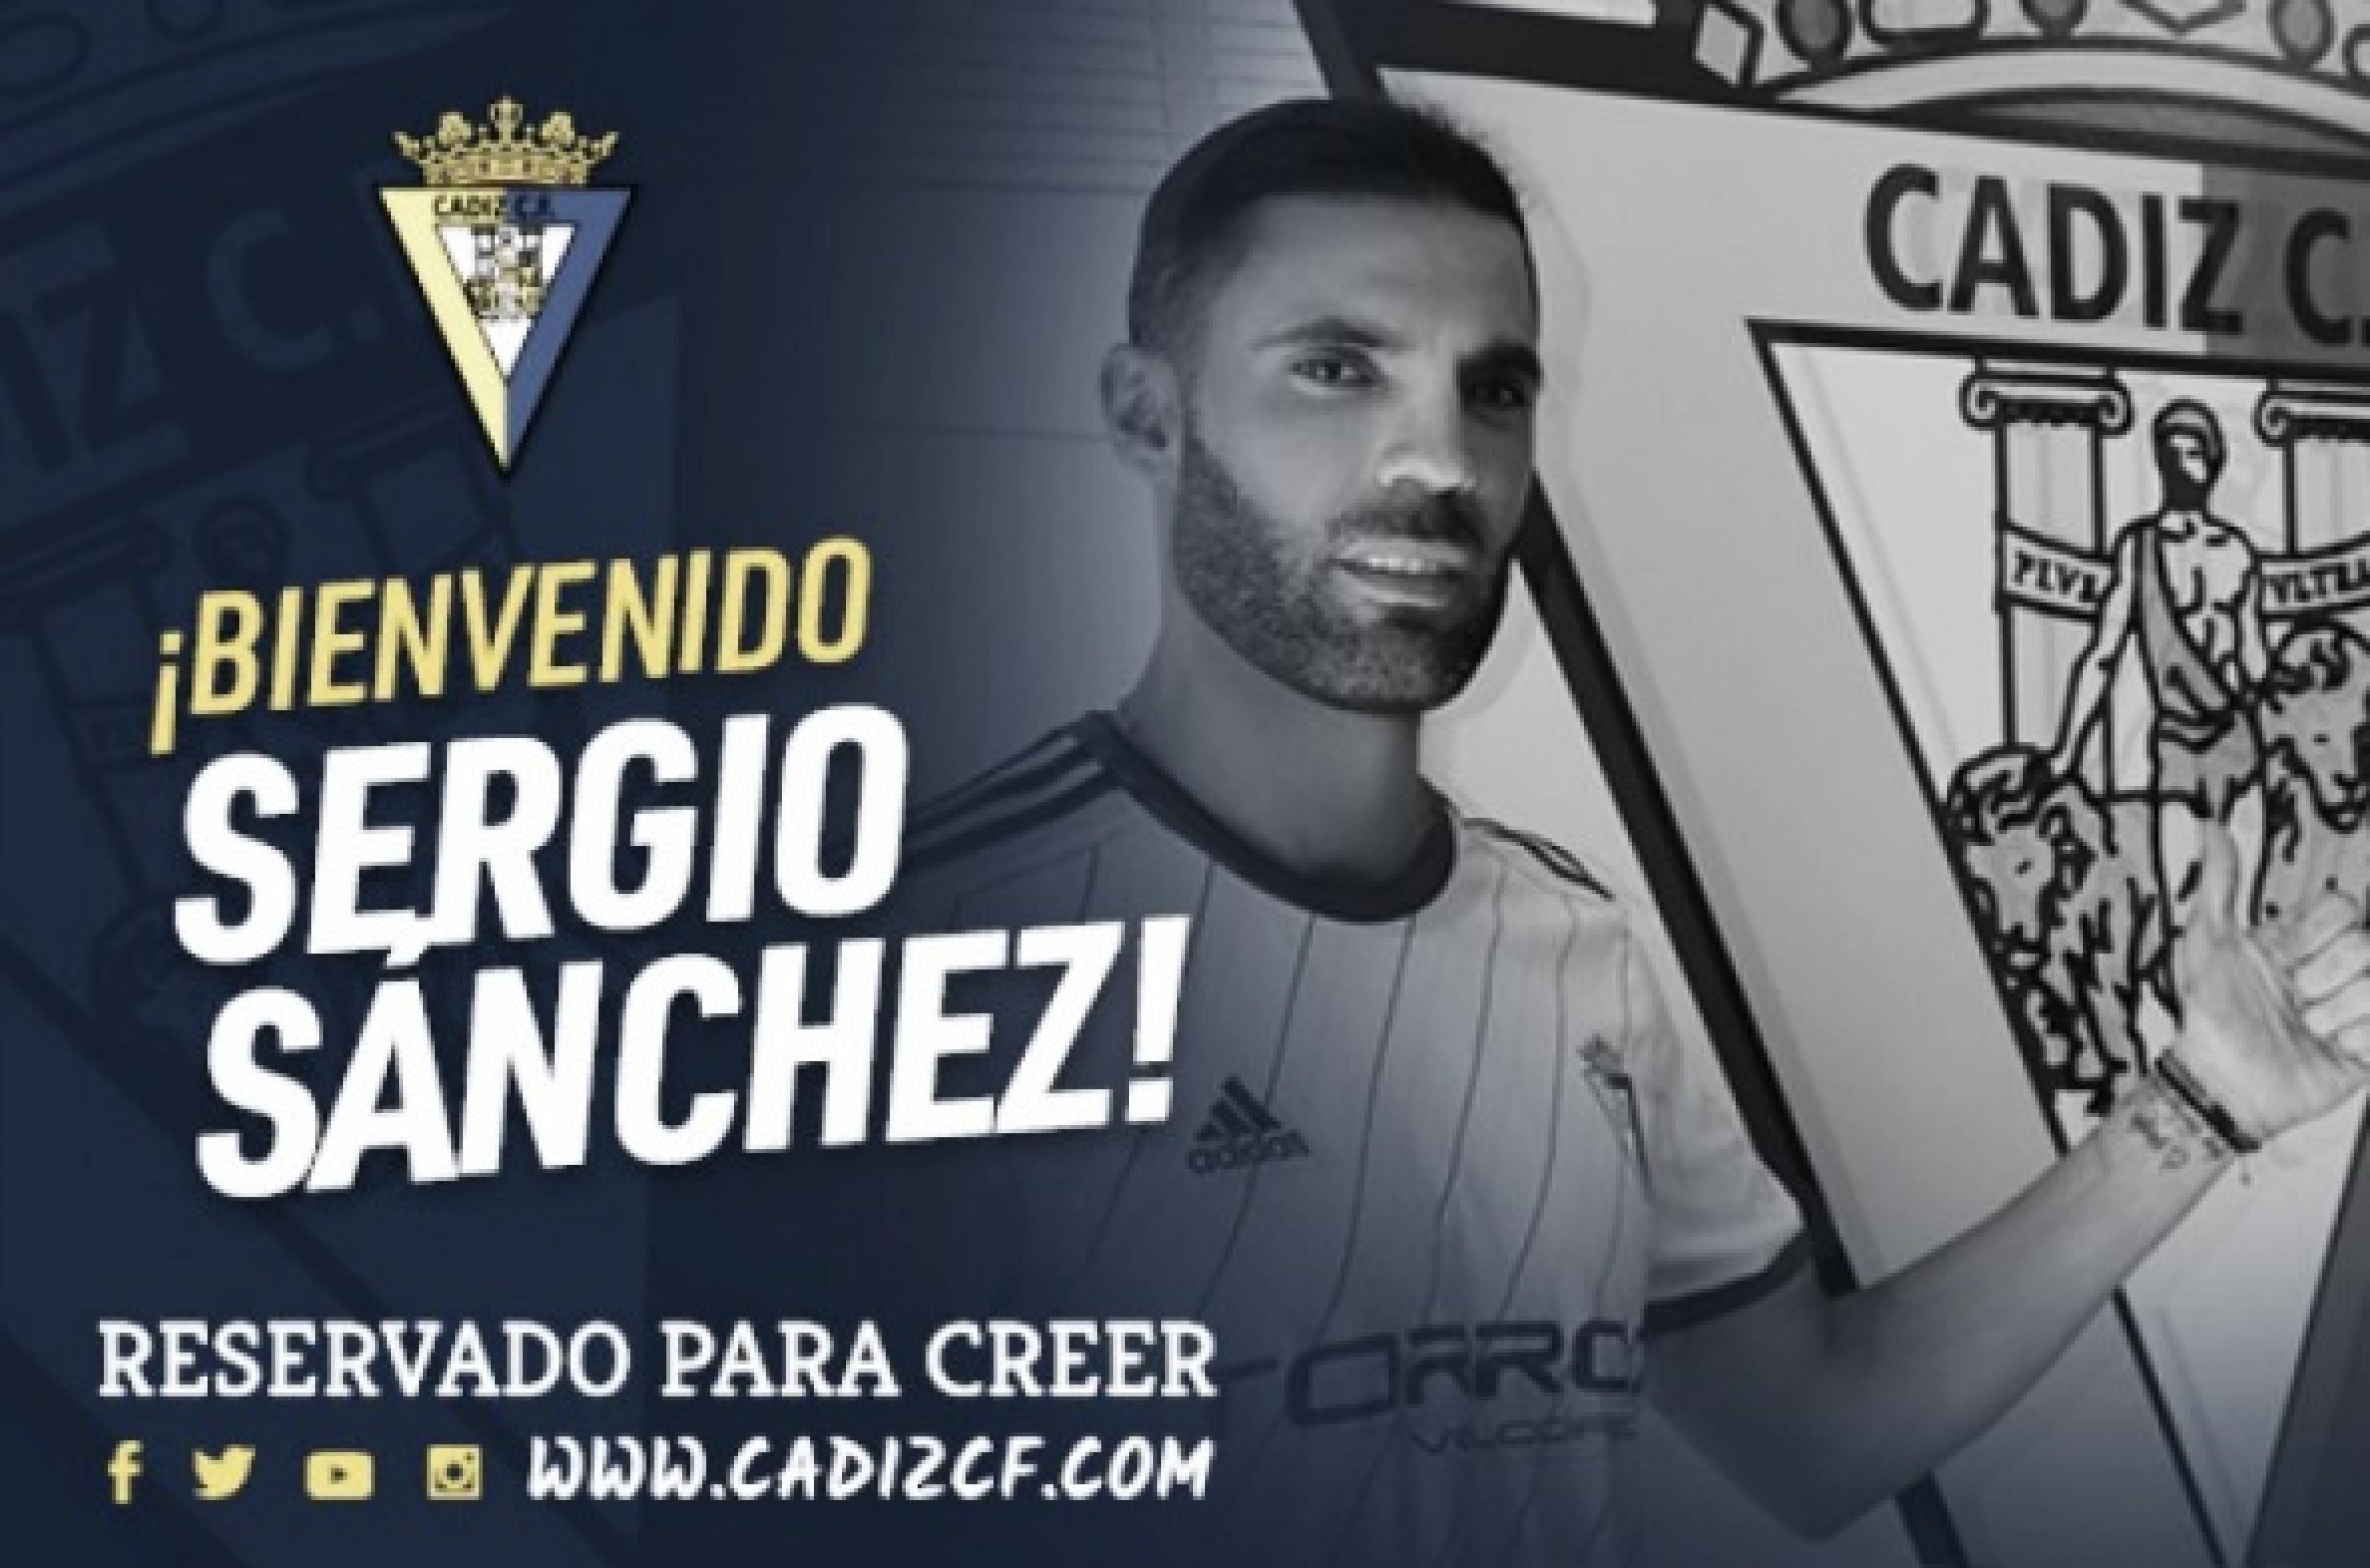 El Cádiz oficializa el fichaje de Sergio Sánchez